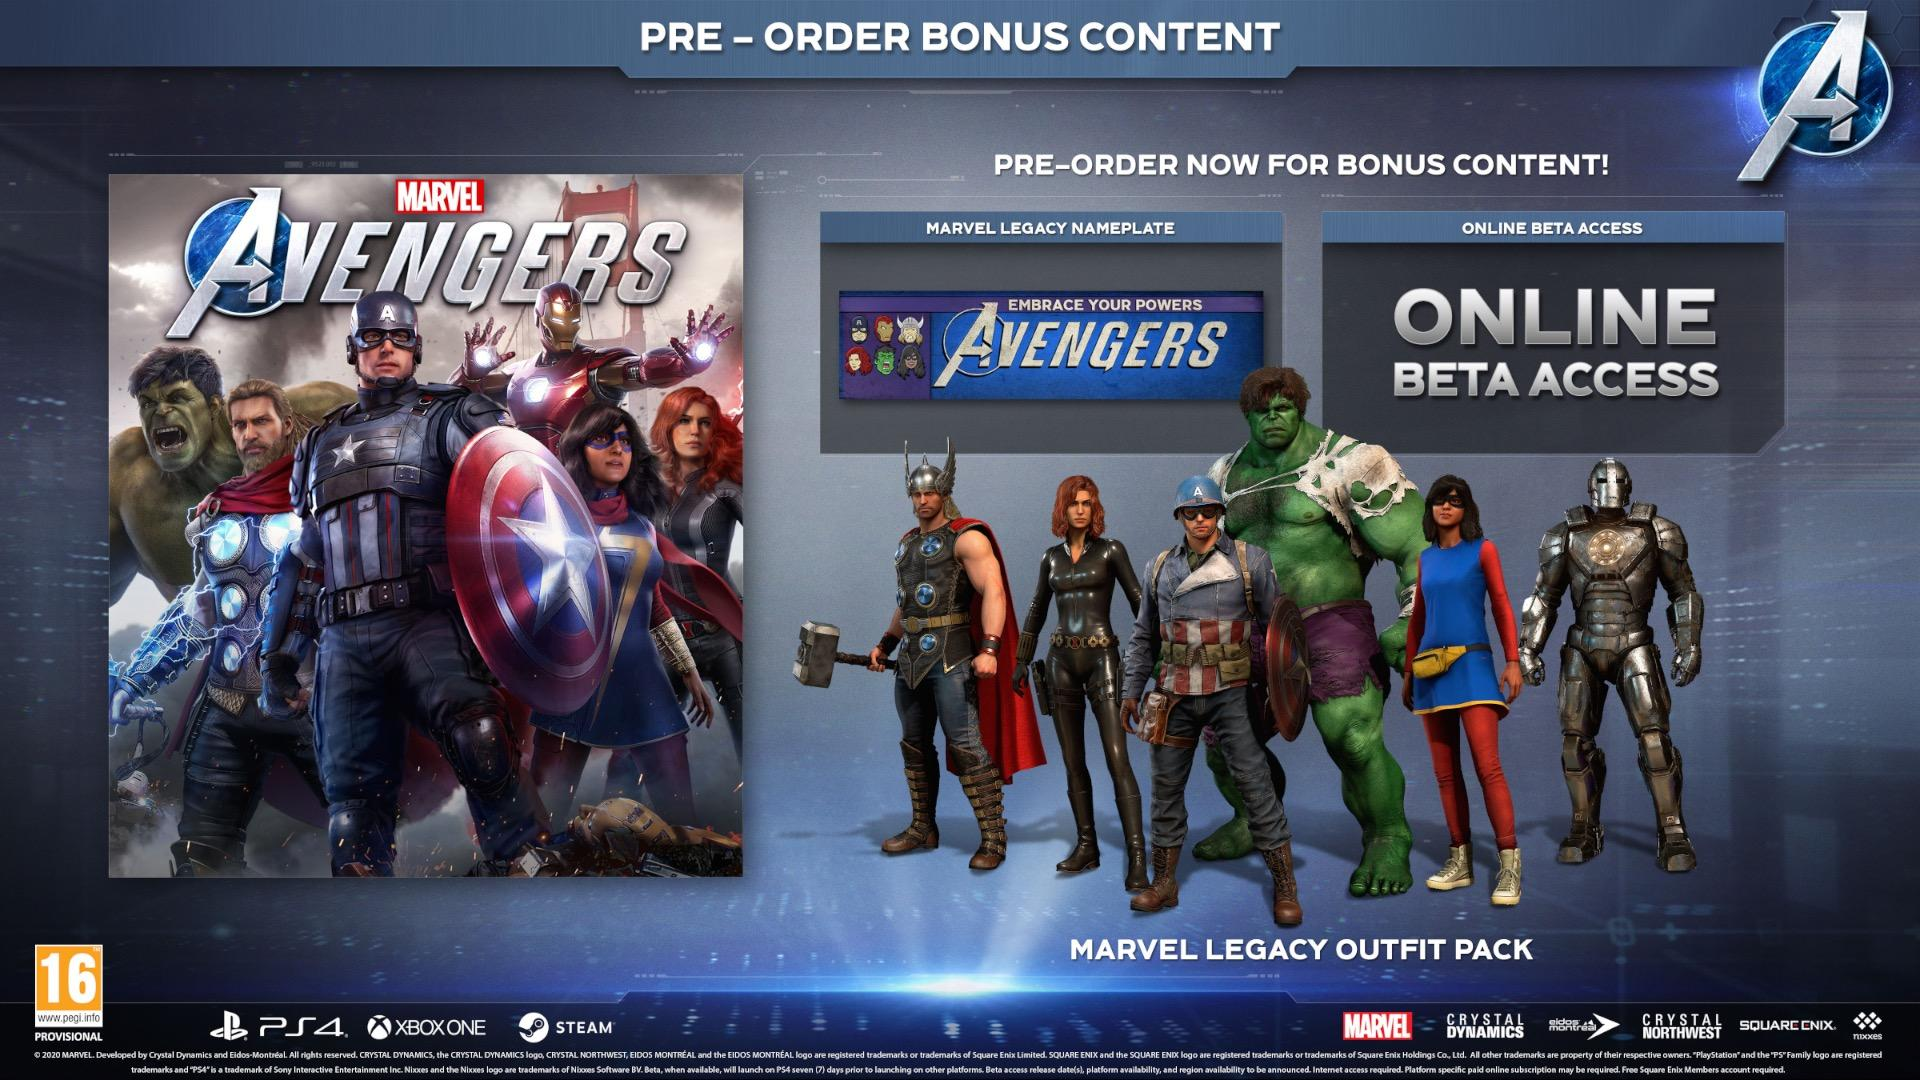 Marvel_s_Avengers_Pre-Order_Items_ENG.jpg